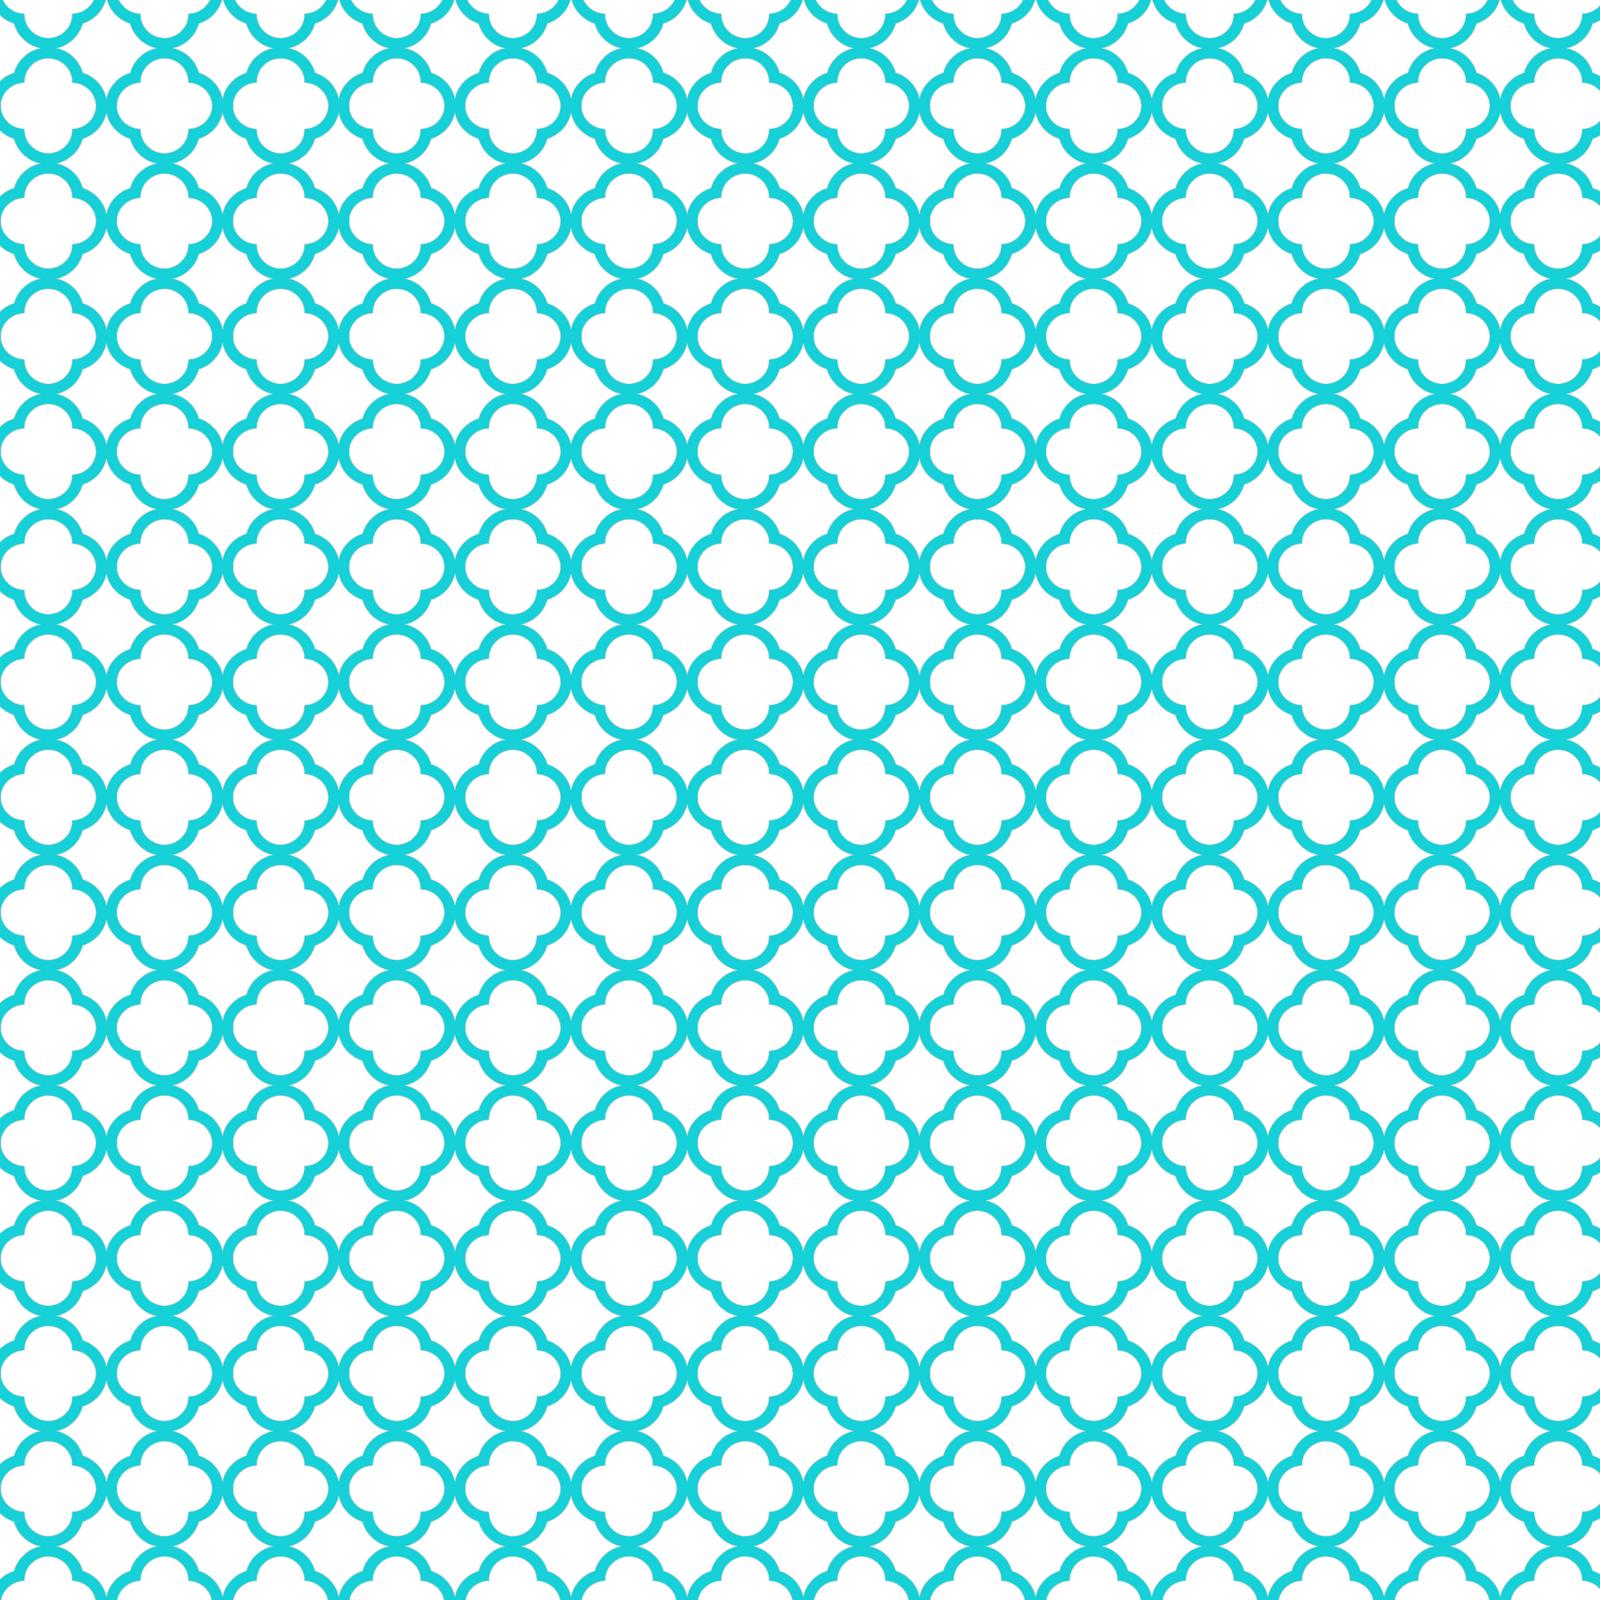 Worksheet Pattern Printable pattern printable snapwit co printable